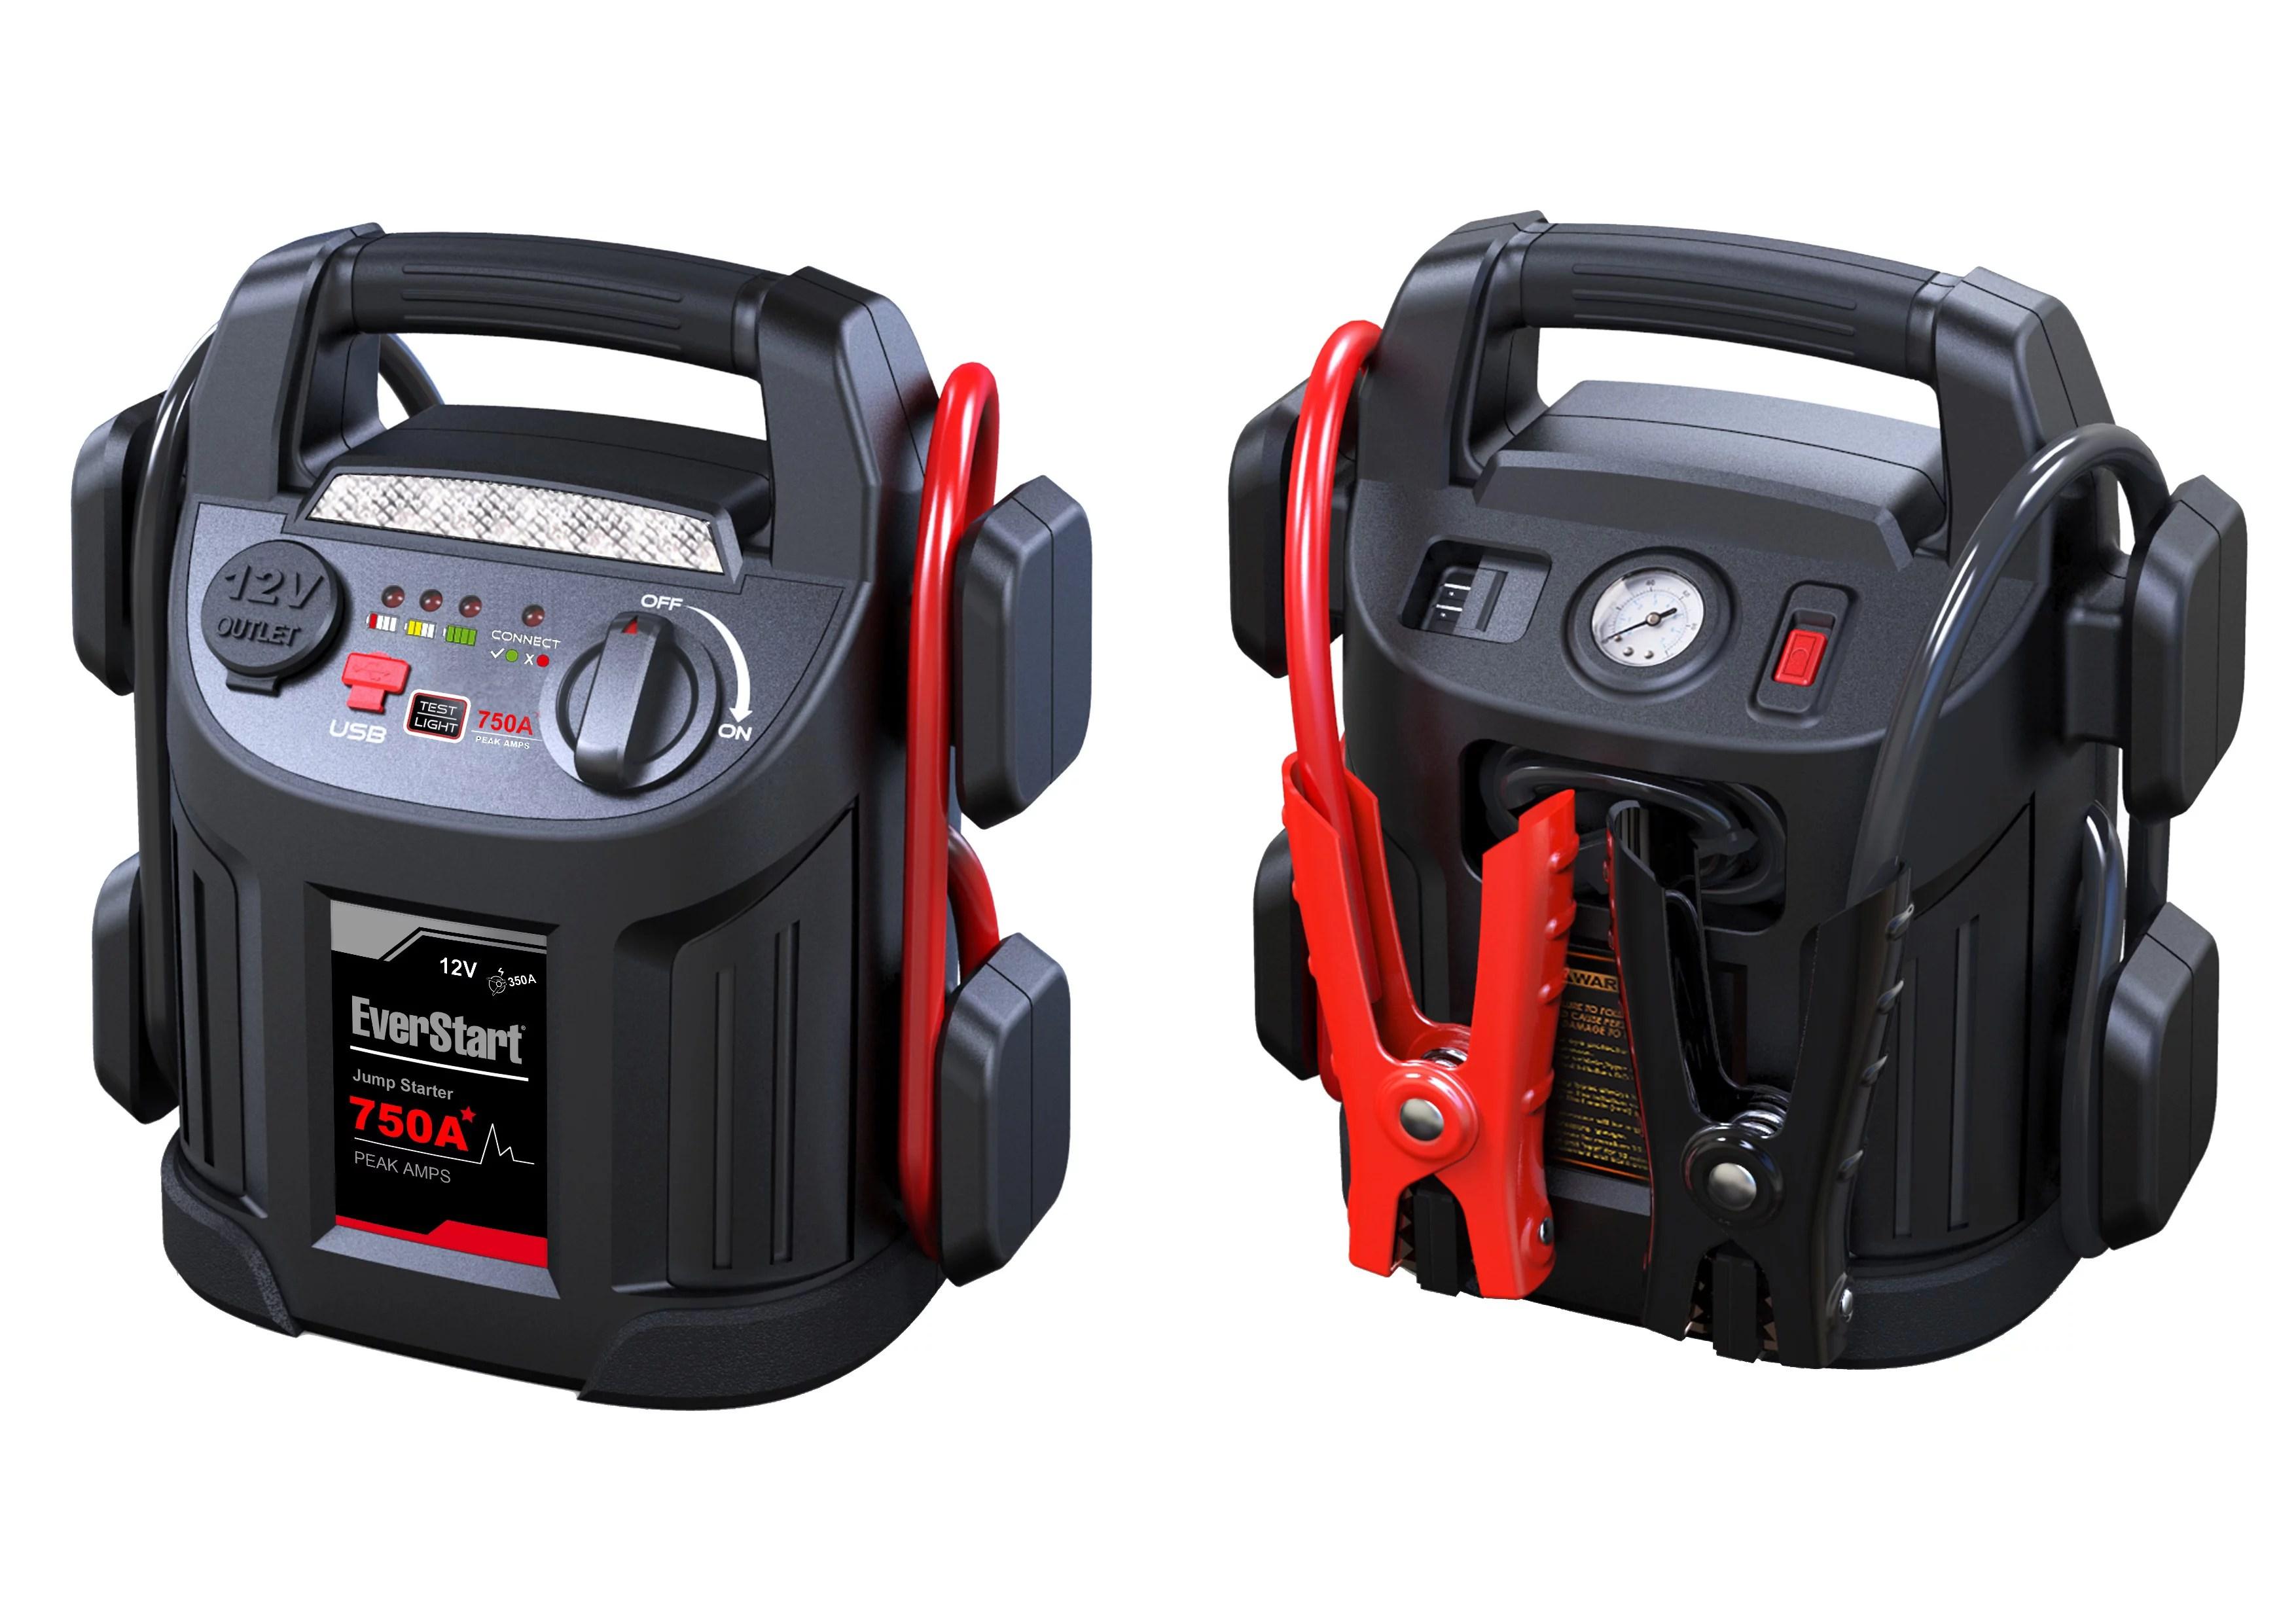 schumacher battery charger wiring diagram ao smith motors everstart 750 amp jump starter with air compressor walmart com